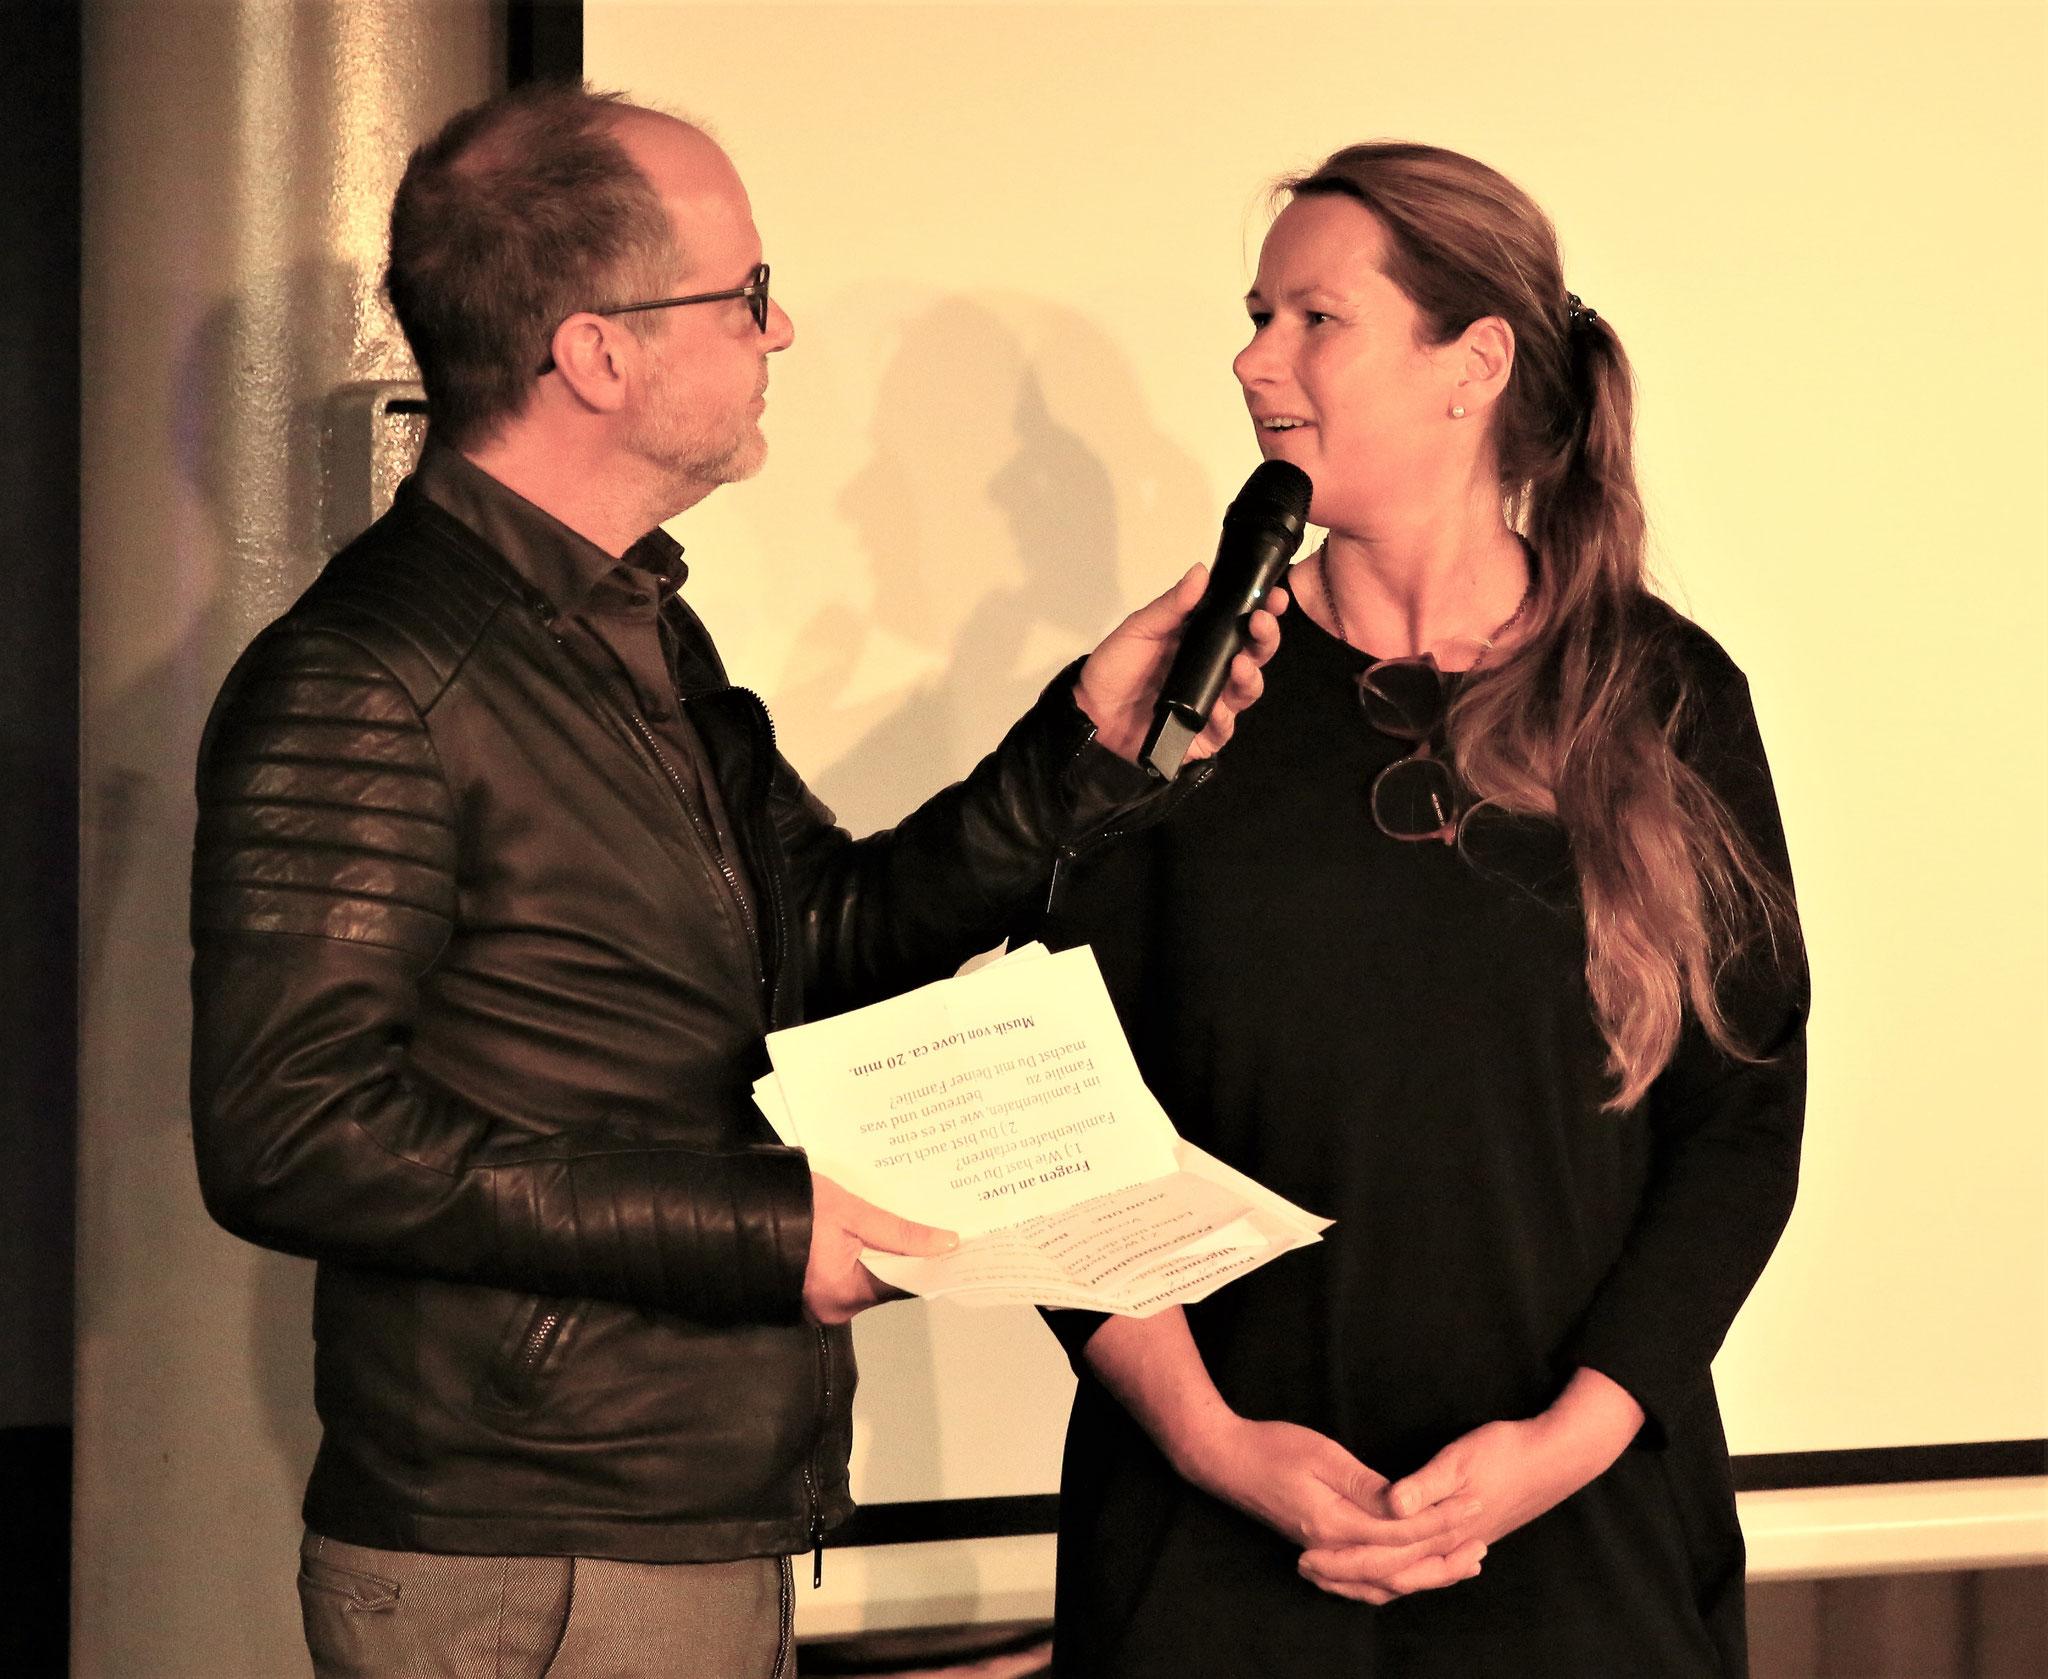 Katja Matzen im Gespräch mit Marek Erhardt